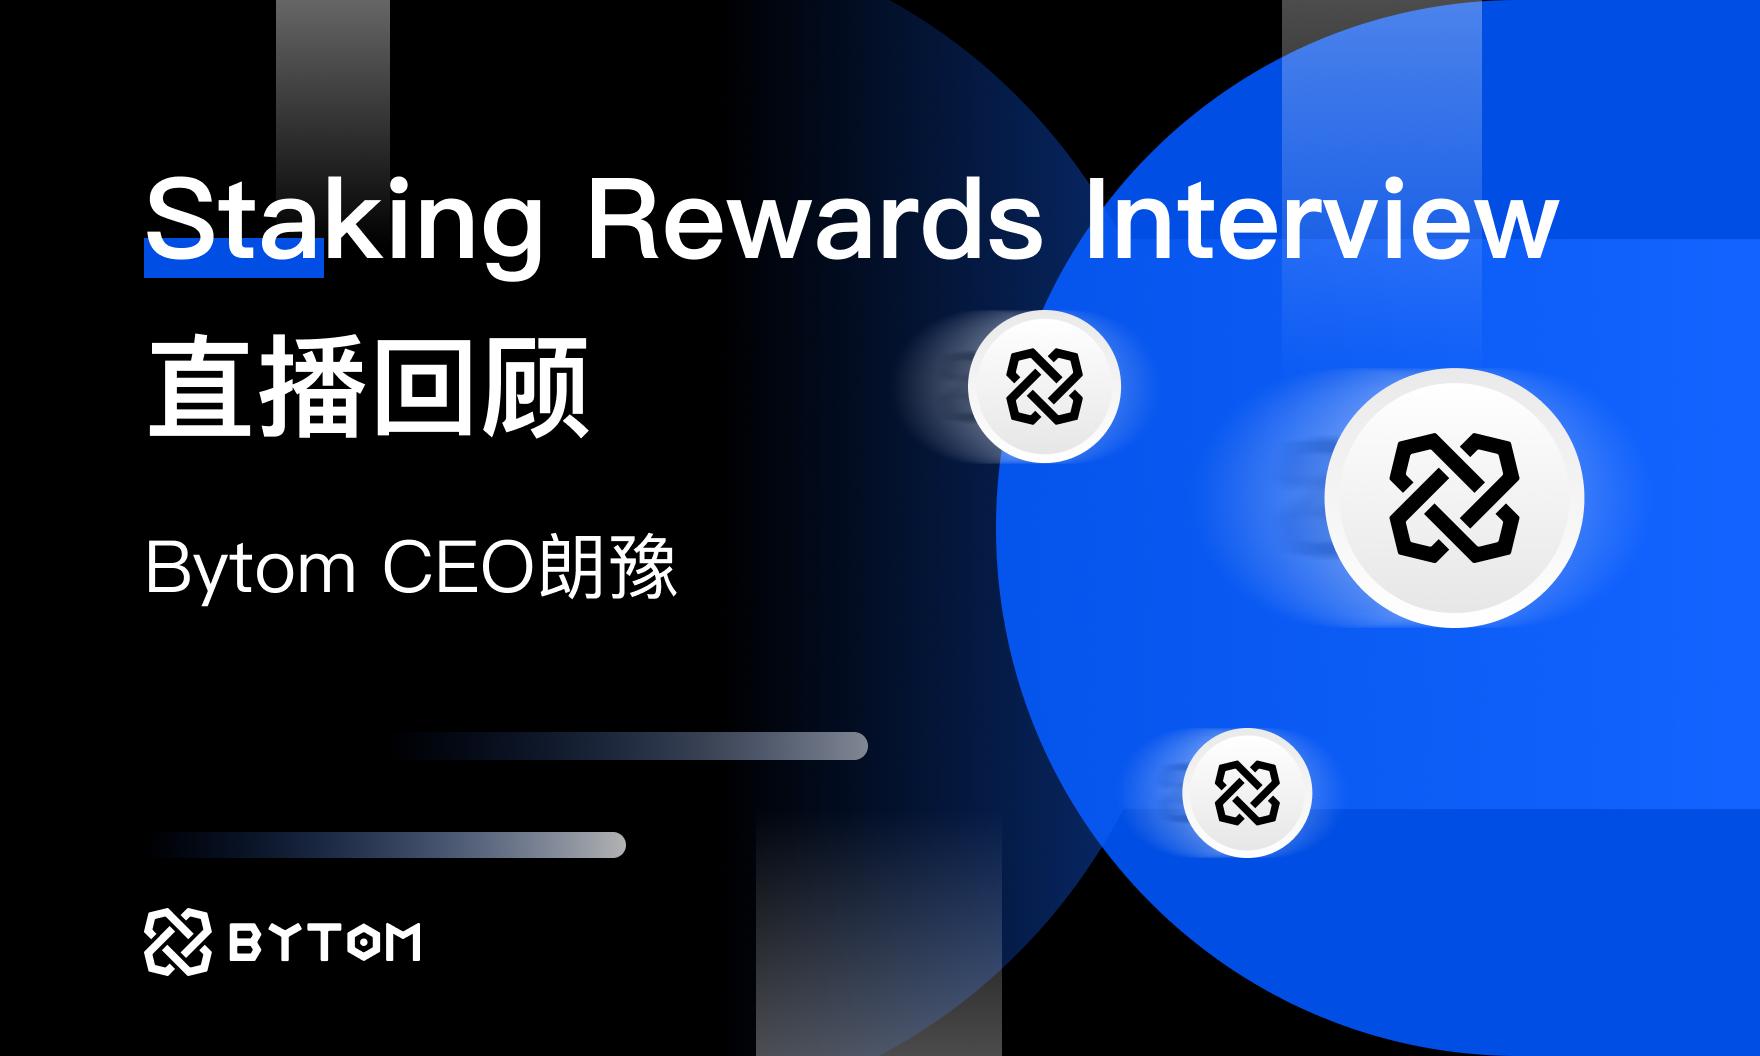 直播回顾:Bytom CEO朗豫参加Staking Rewards线上直播,分享Bytom的项目进程和未来规划